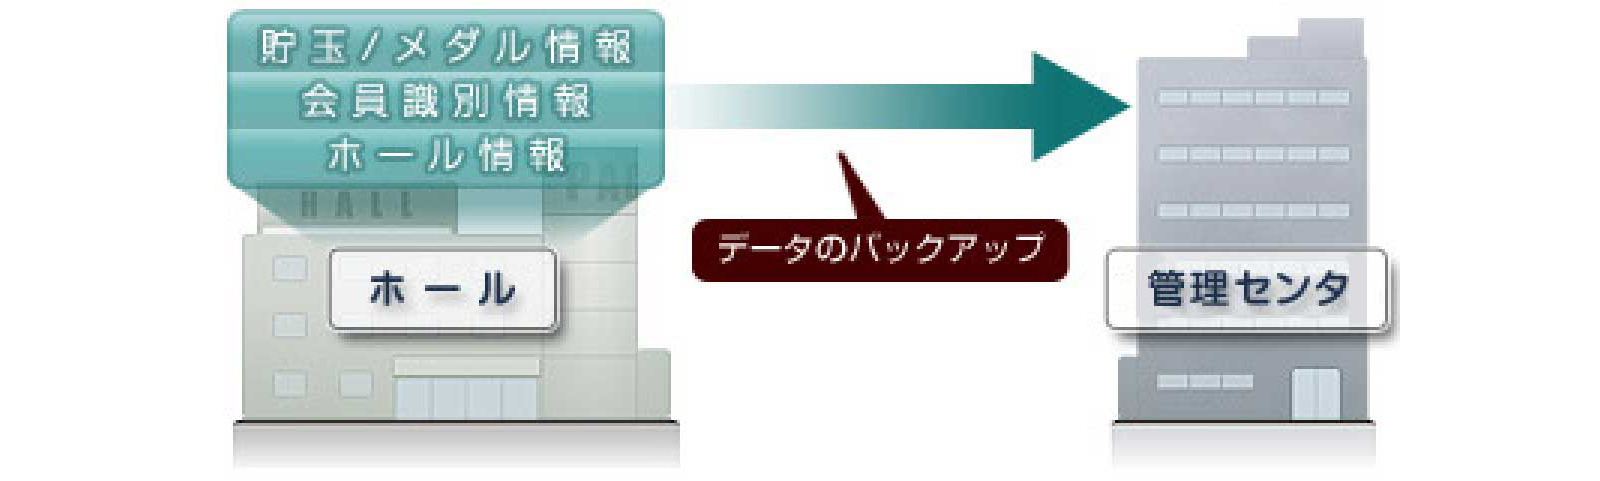 (2)センタ事業者